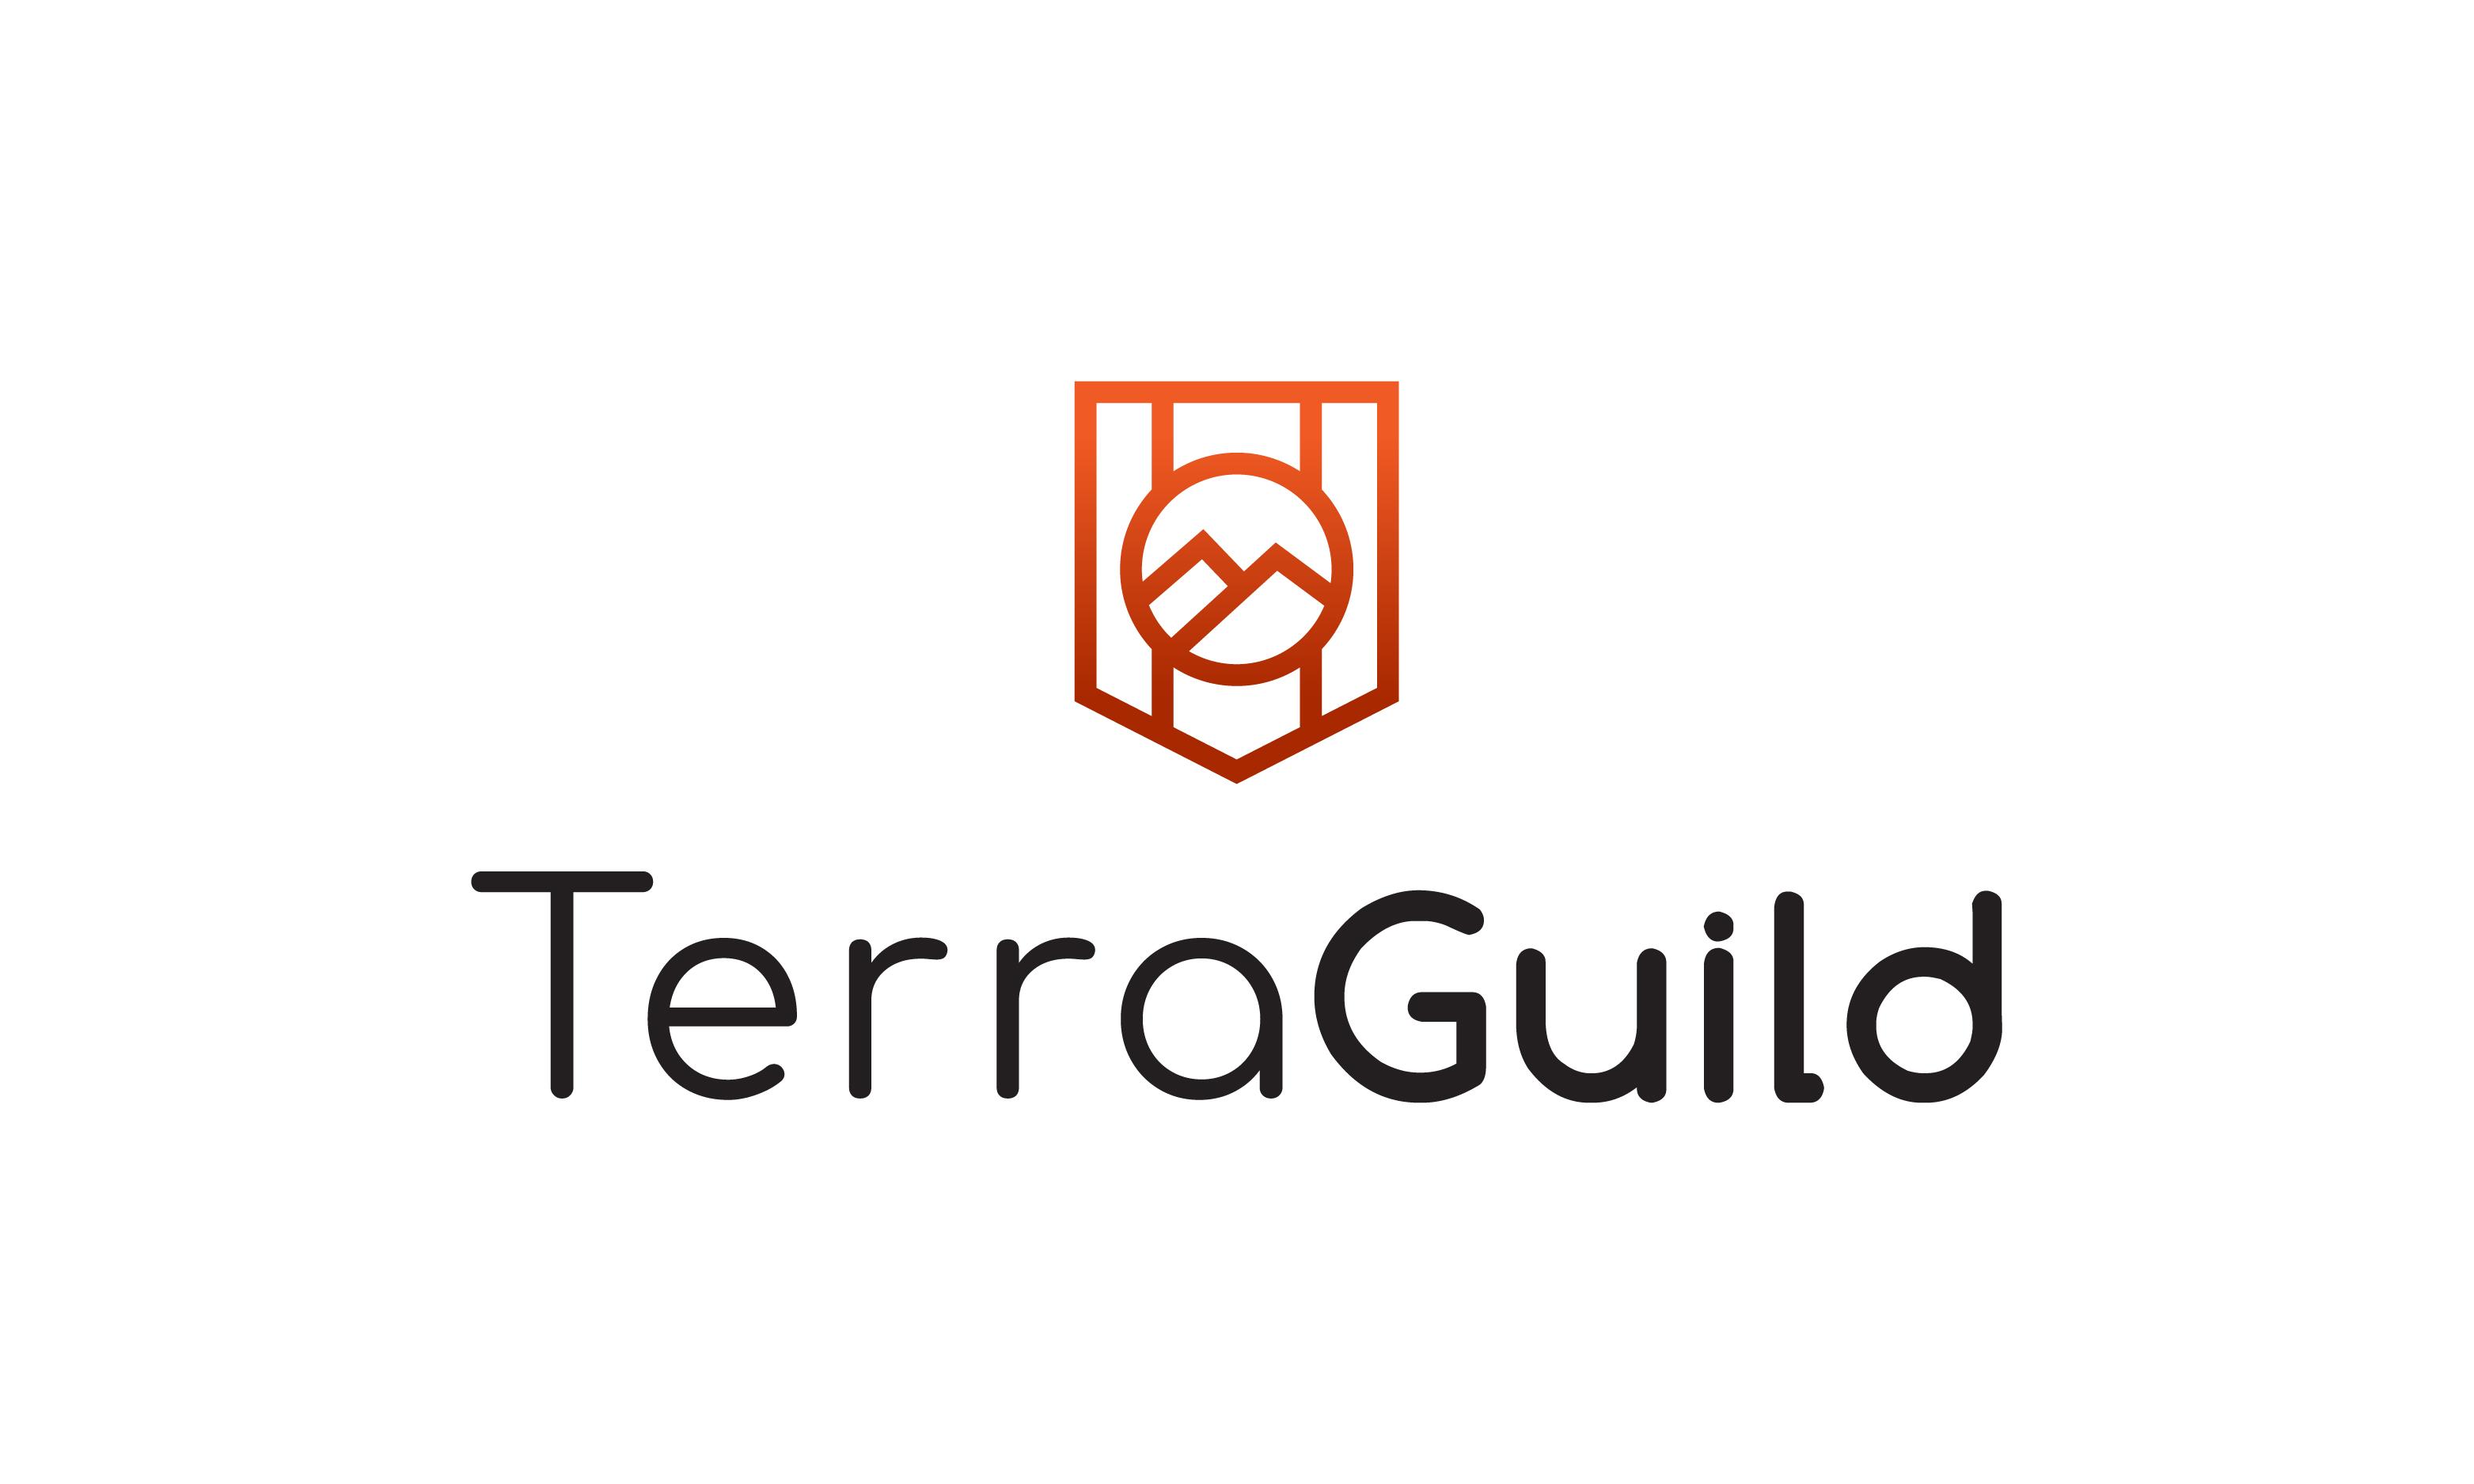 TerraGuild.com